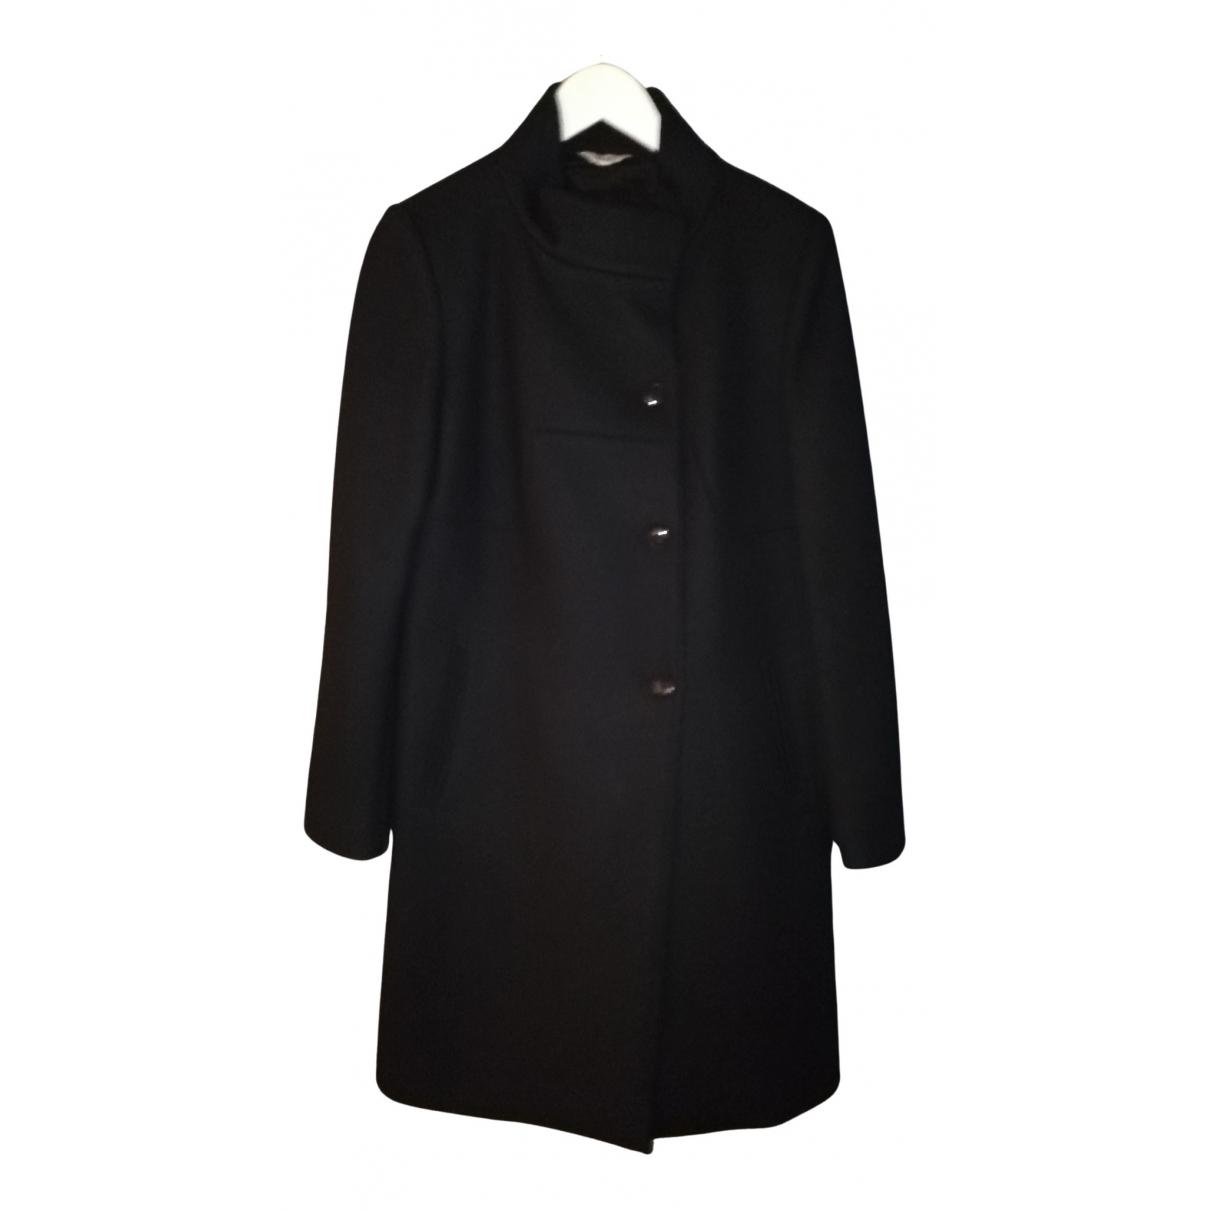 Liu.jo N Black Wool coat for Women 46 IT